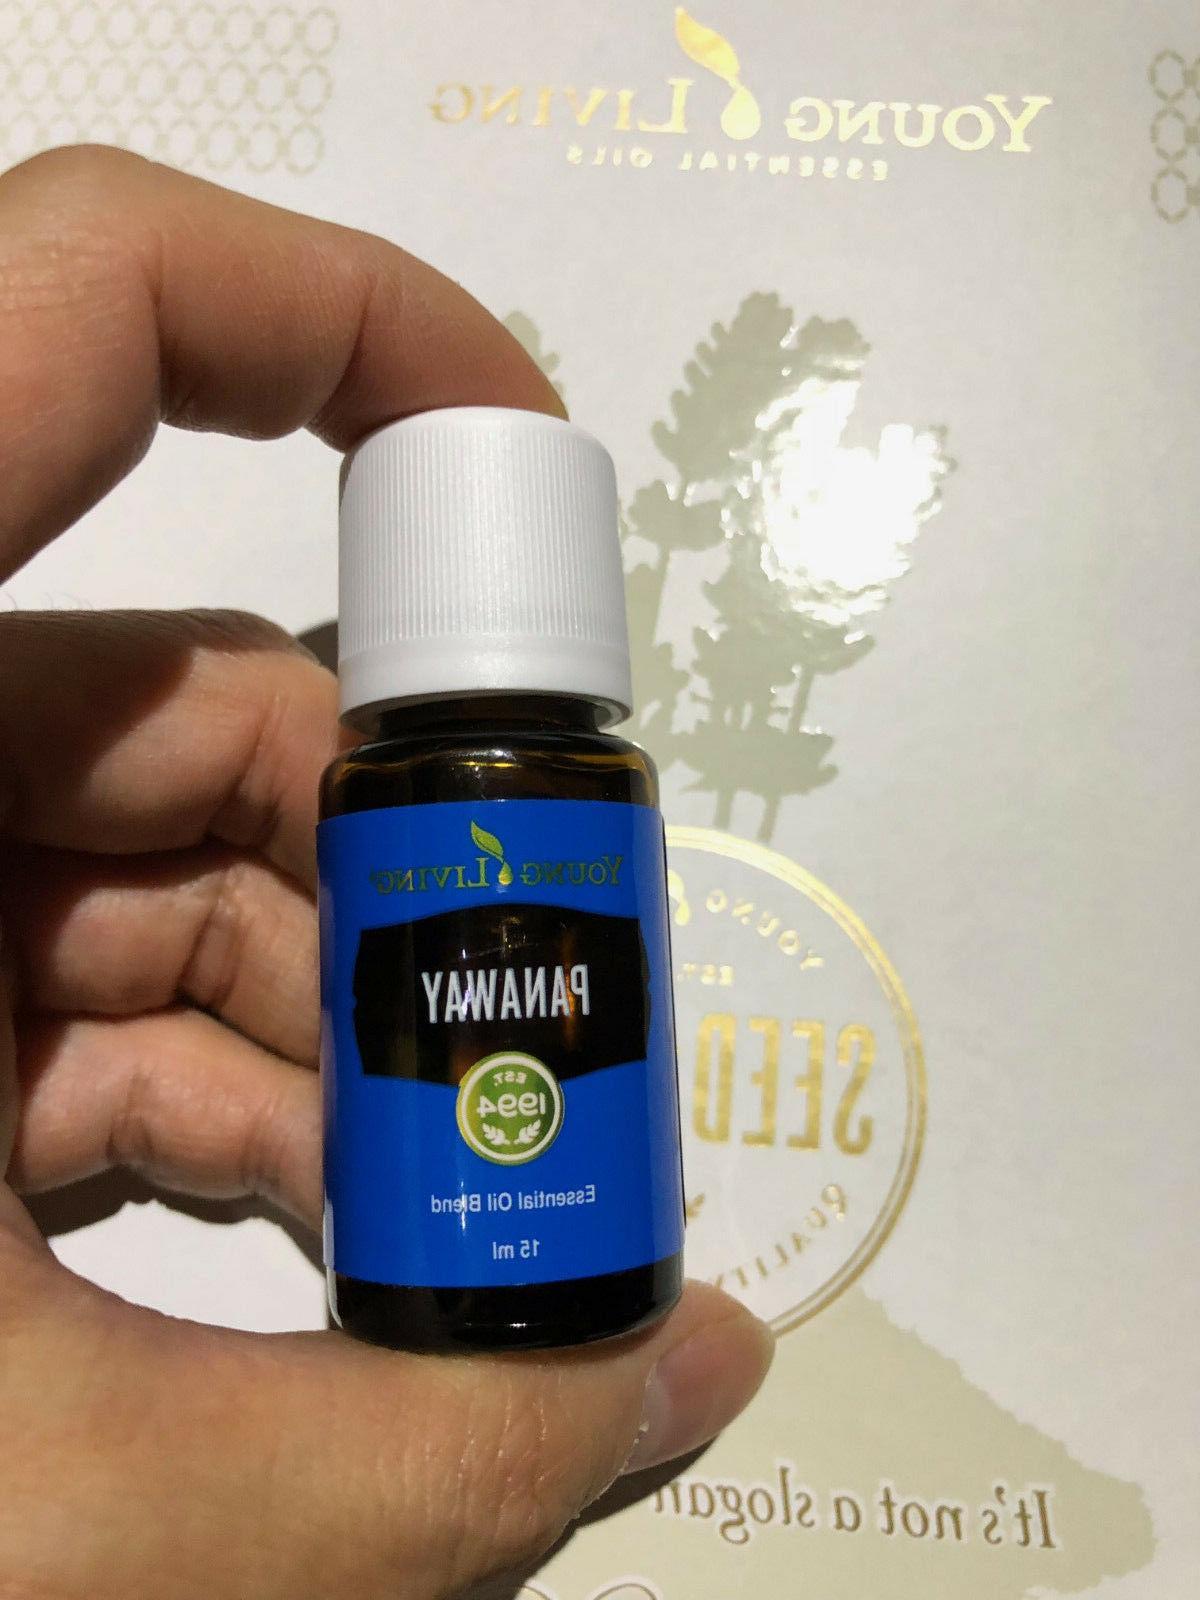 panaway 15ml essential oil by